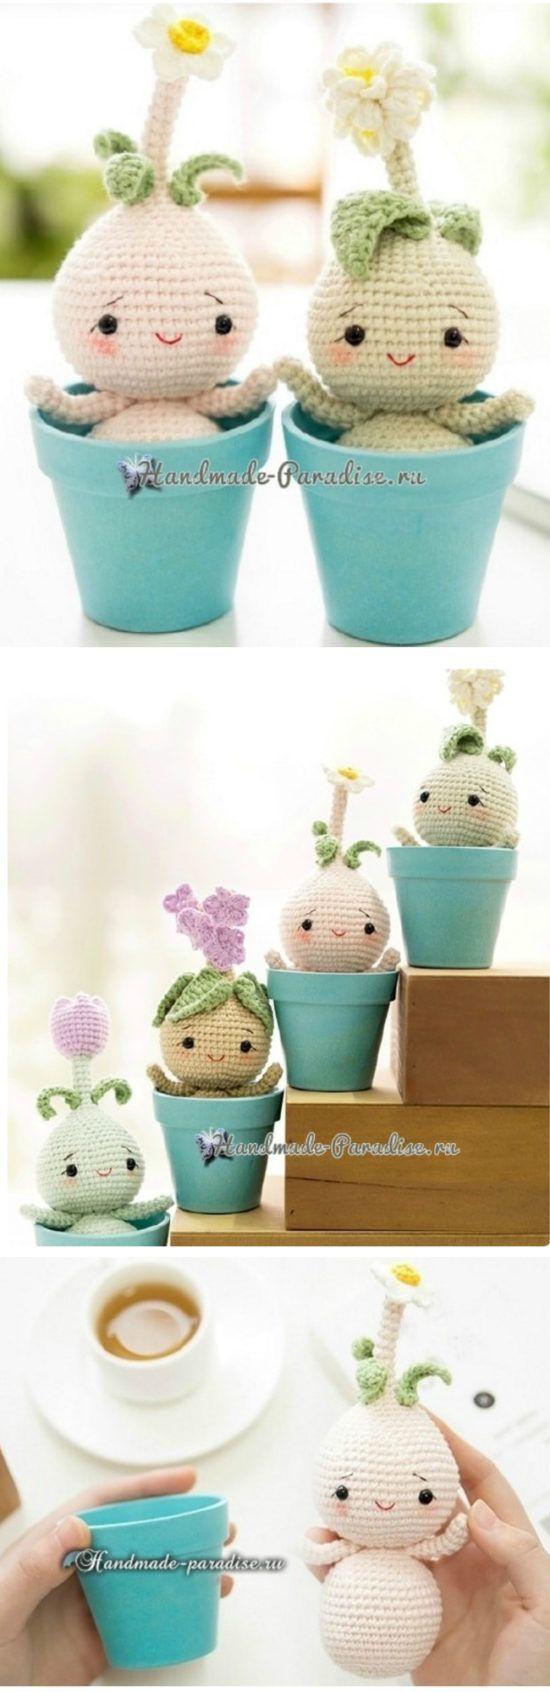 Crochet Dolls Patterns Amigurumi Easy Video Tutorial   Pinterest ...